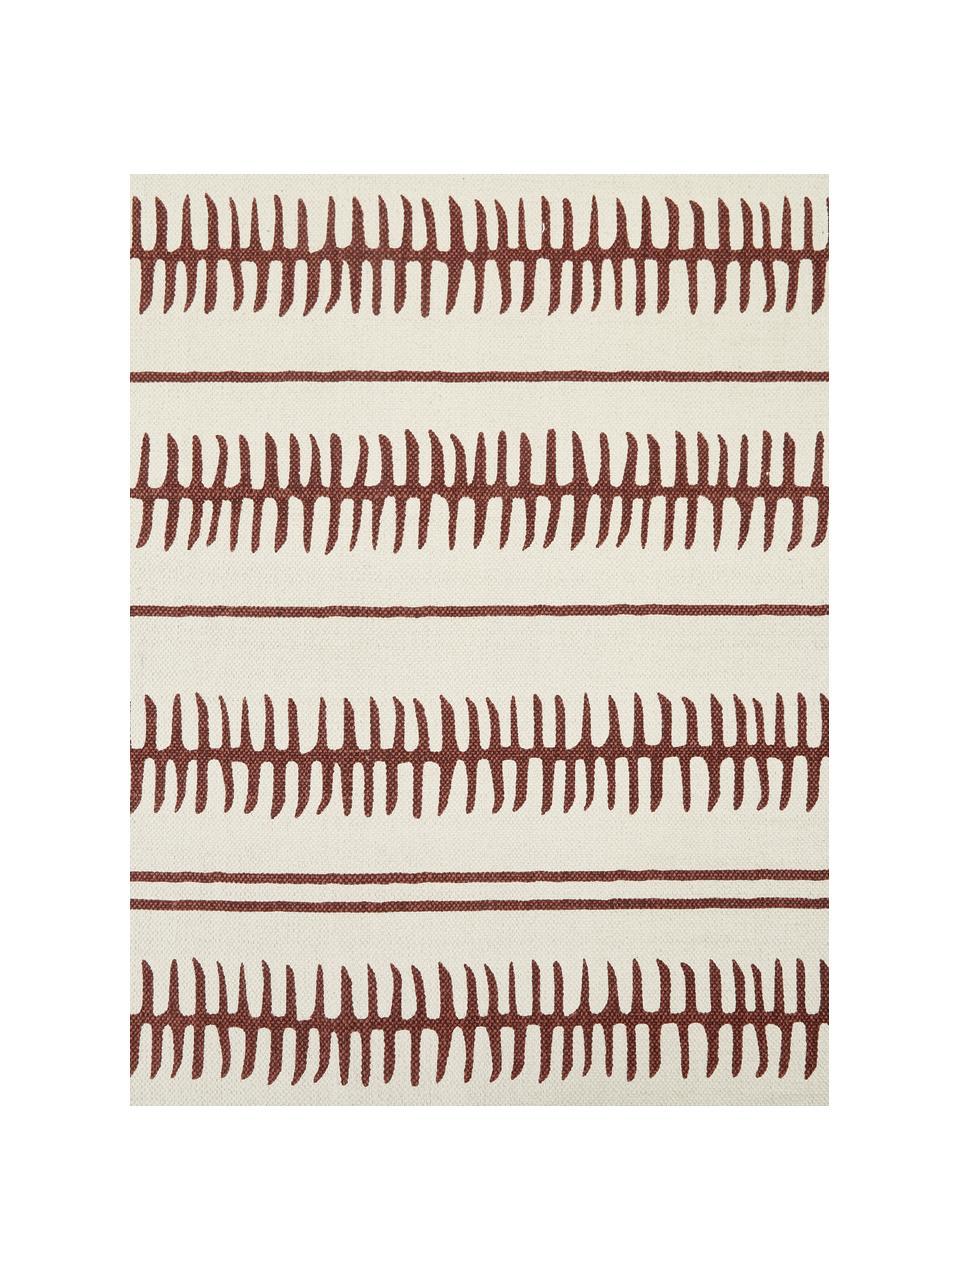 Ręcznie tkany dywan z bawełny z chwostami Rita, Beżowy, terakota, S 70 x D 140 cm (Rozmiar XS)